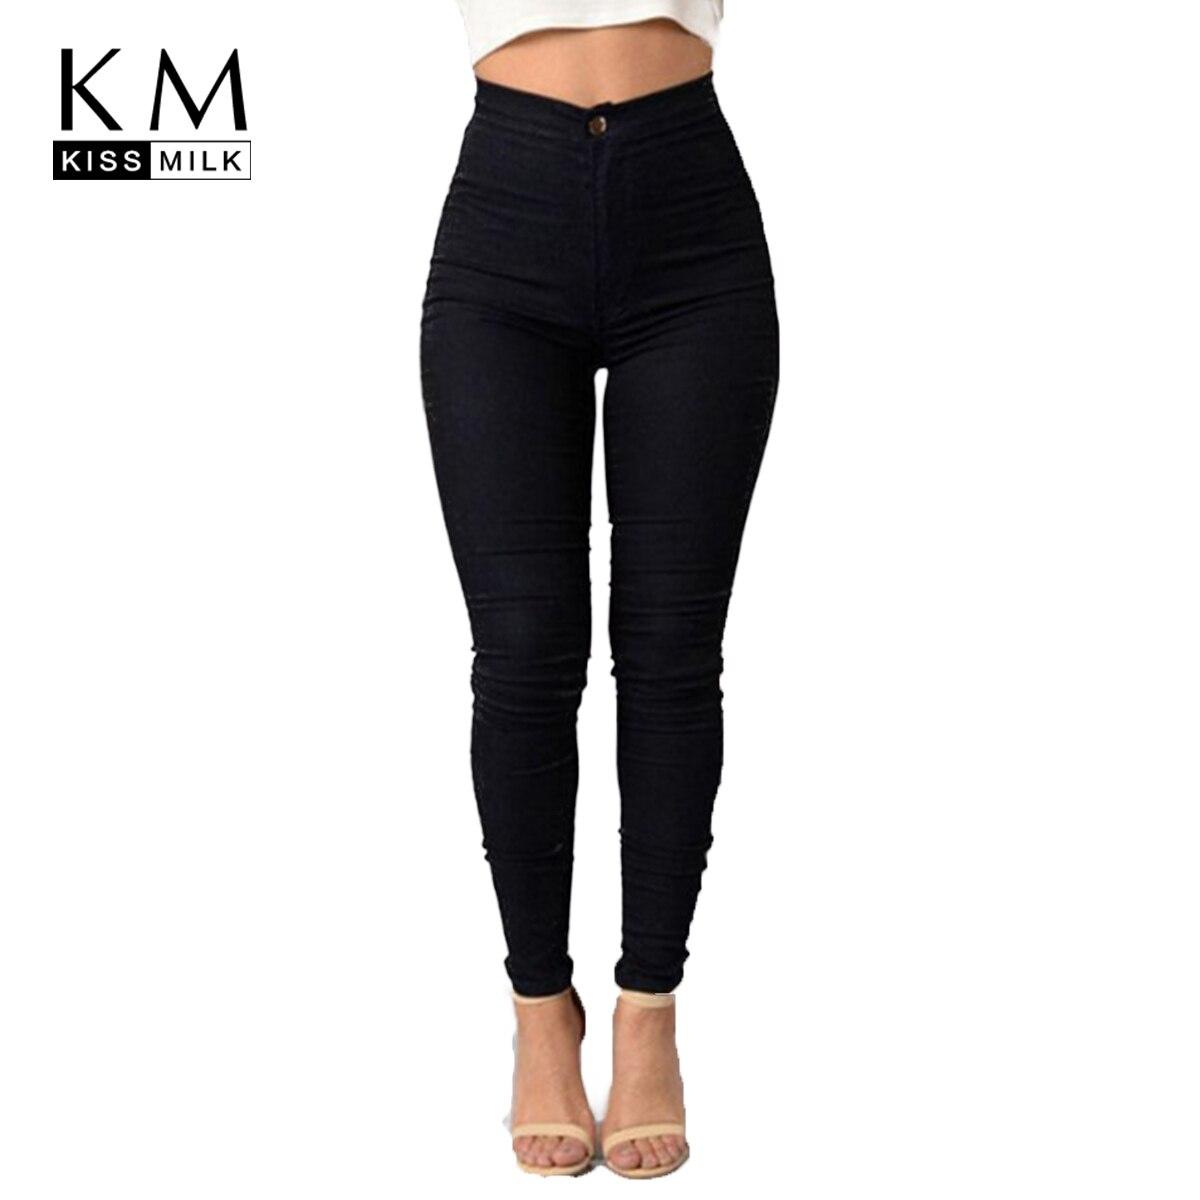 kissmilk 2018 Solid Multi-color Women Jeans Full Length High Waist Female Clothing Skinn ...